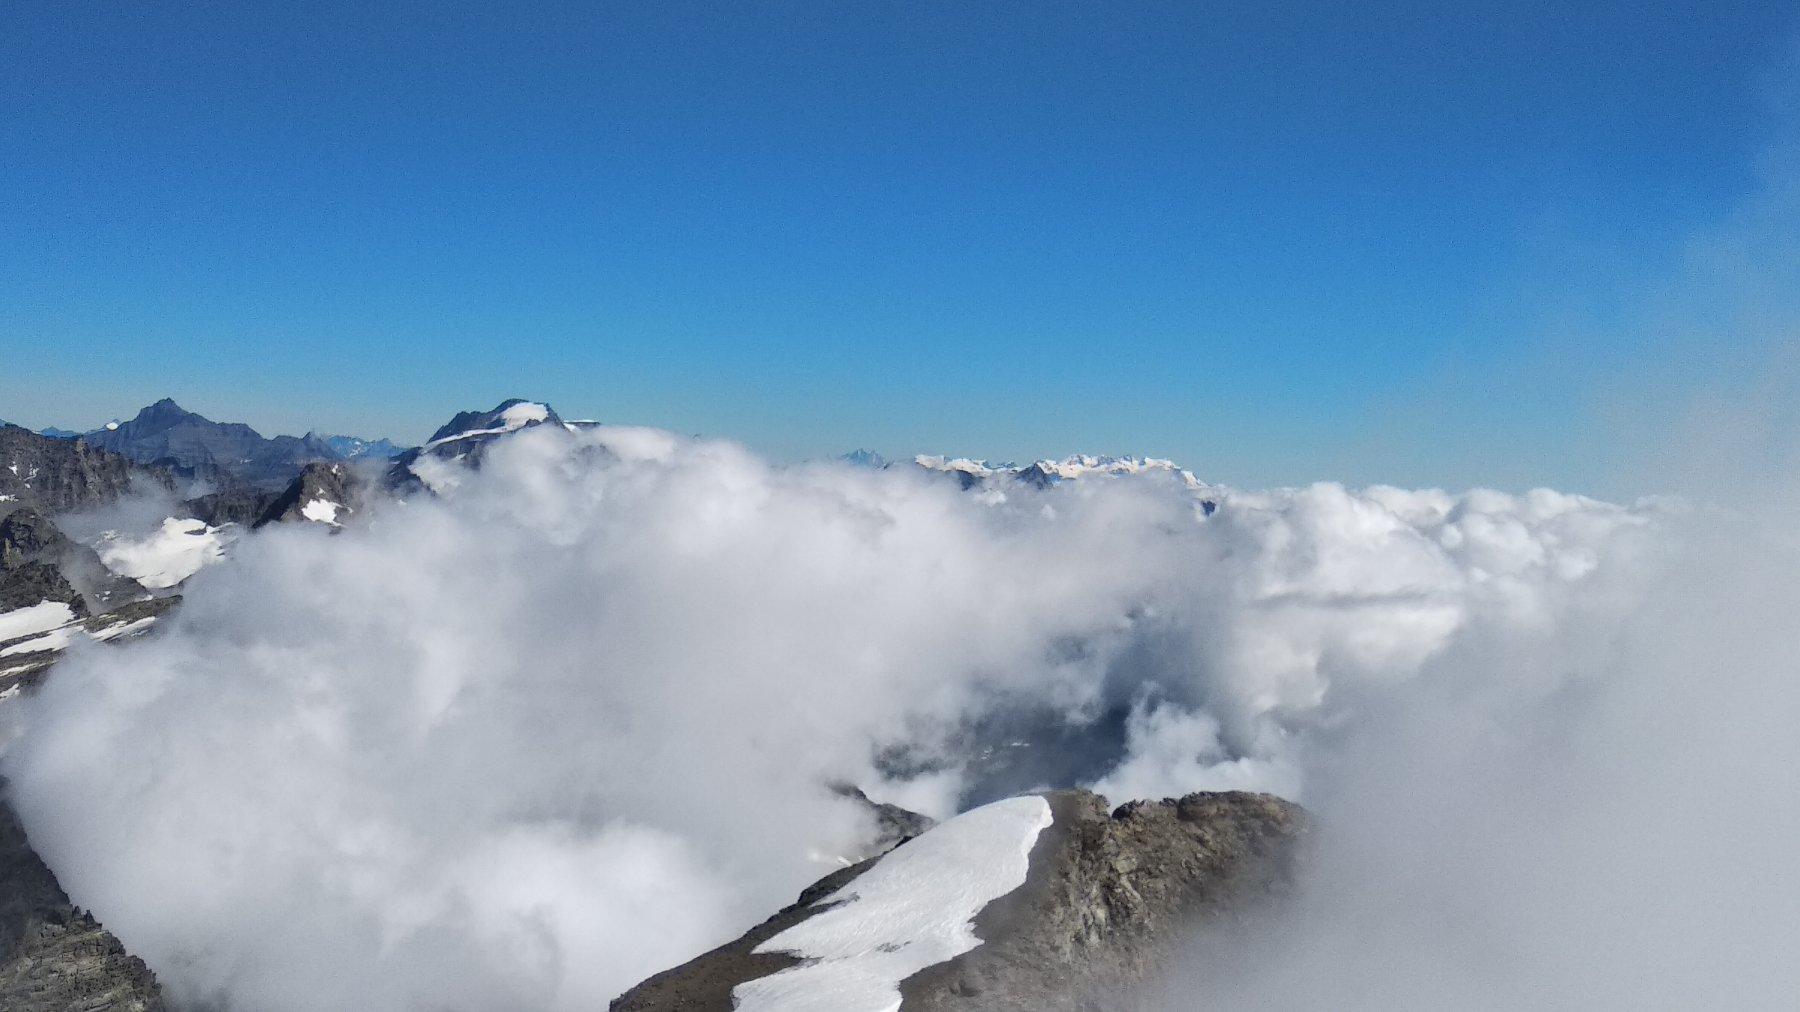 Granpa e e Monte Rosa